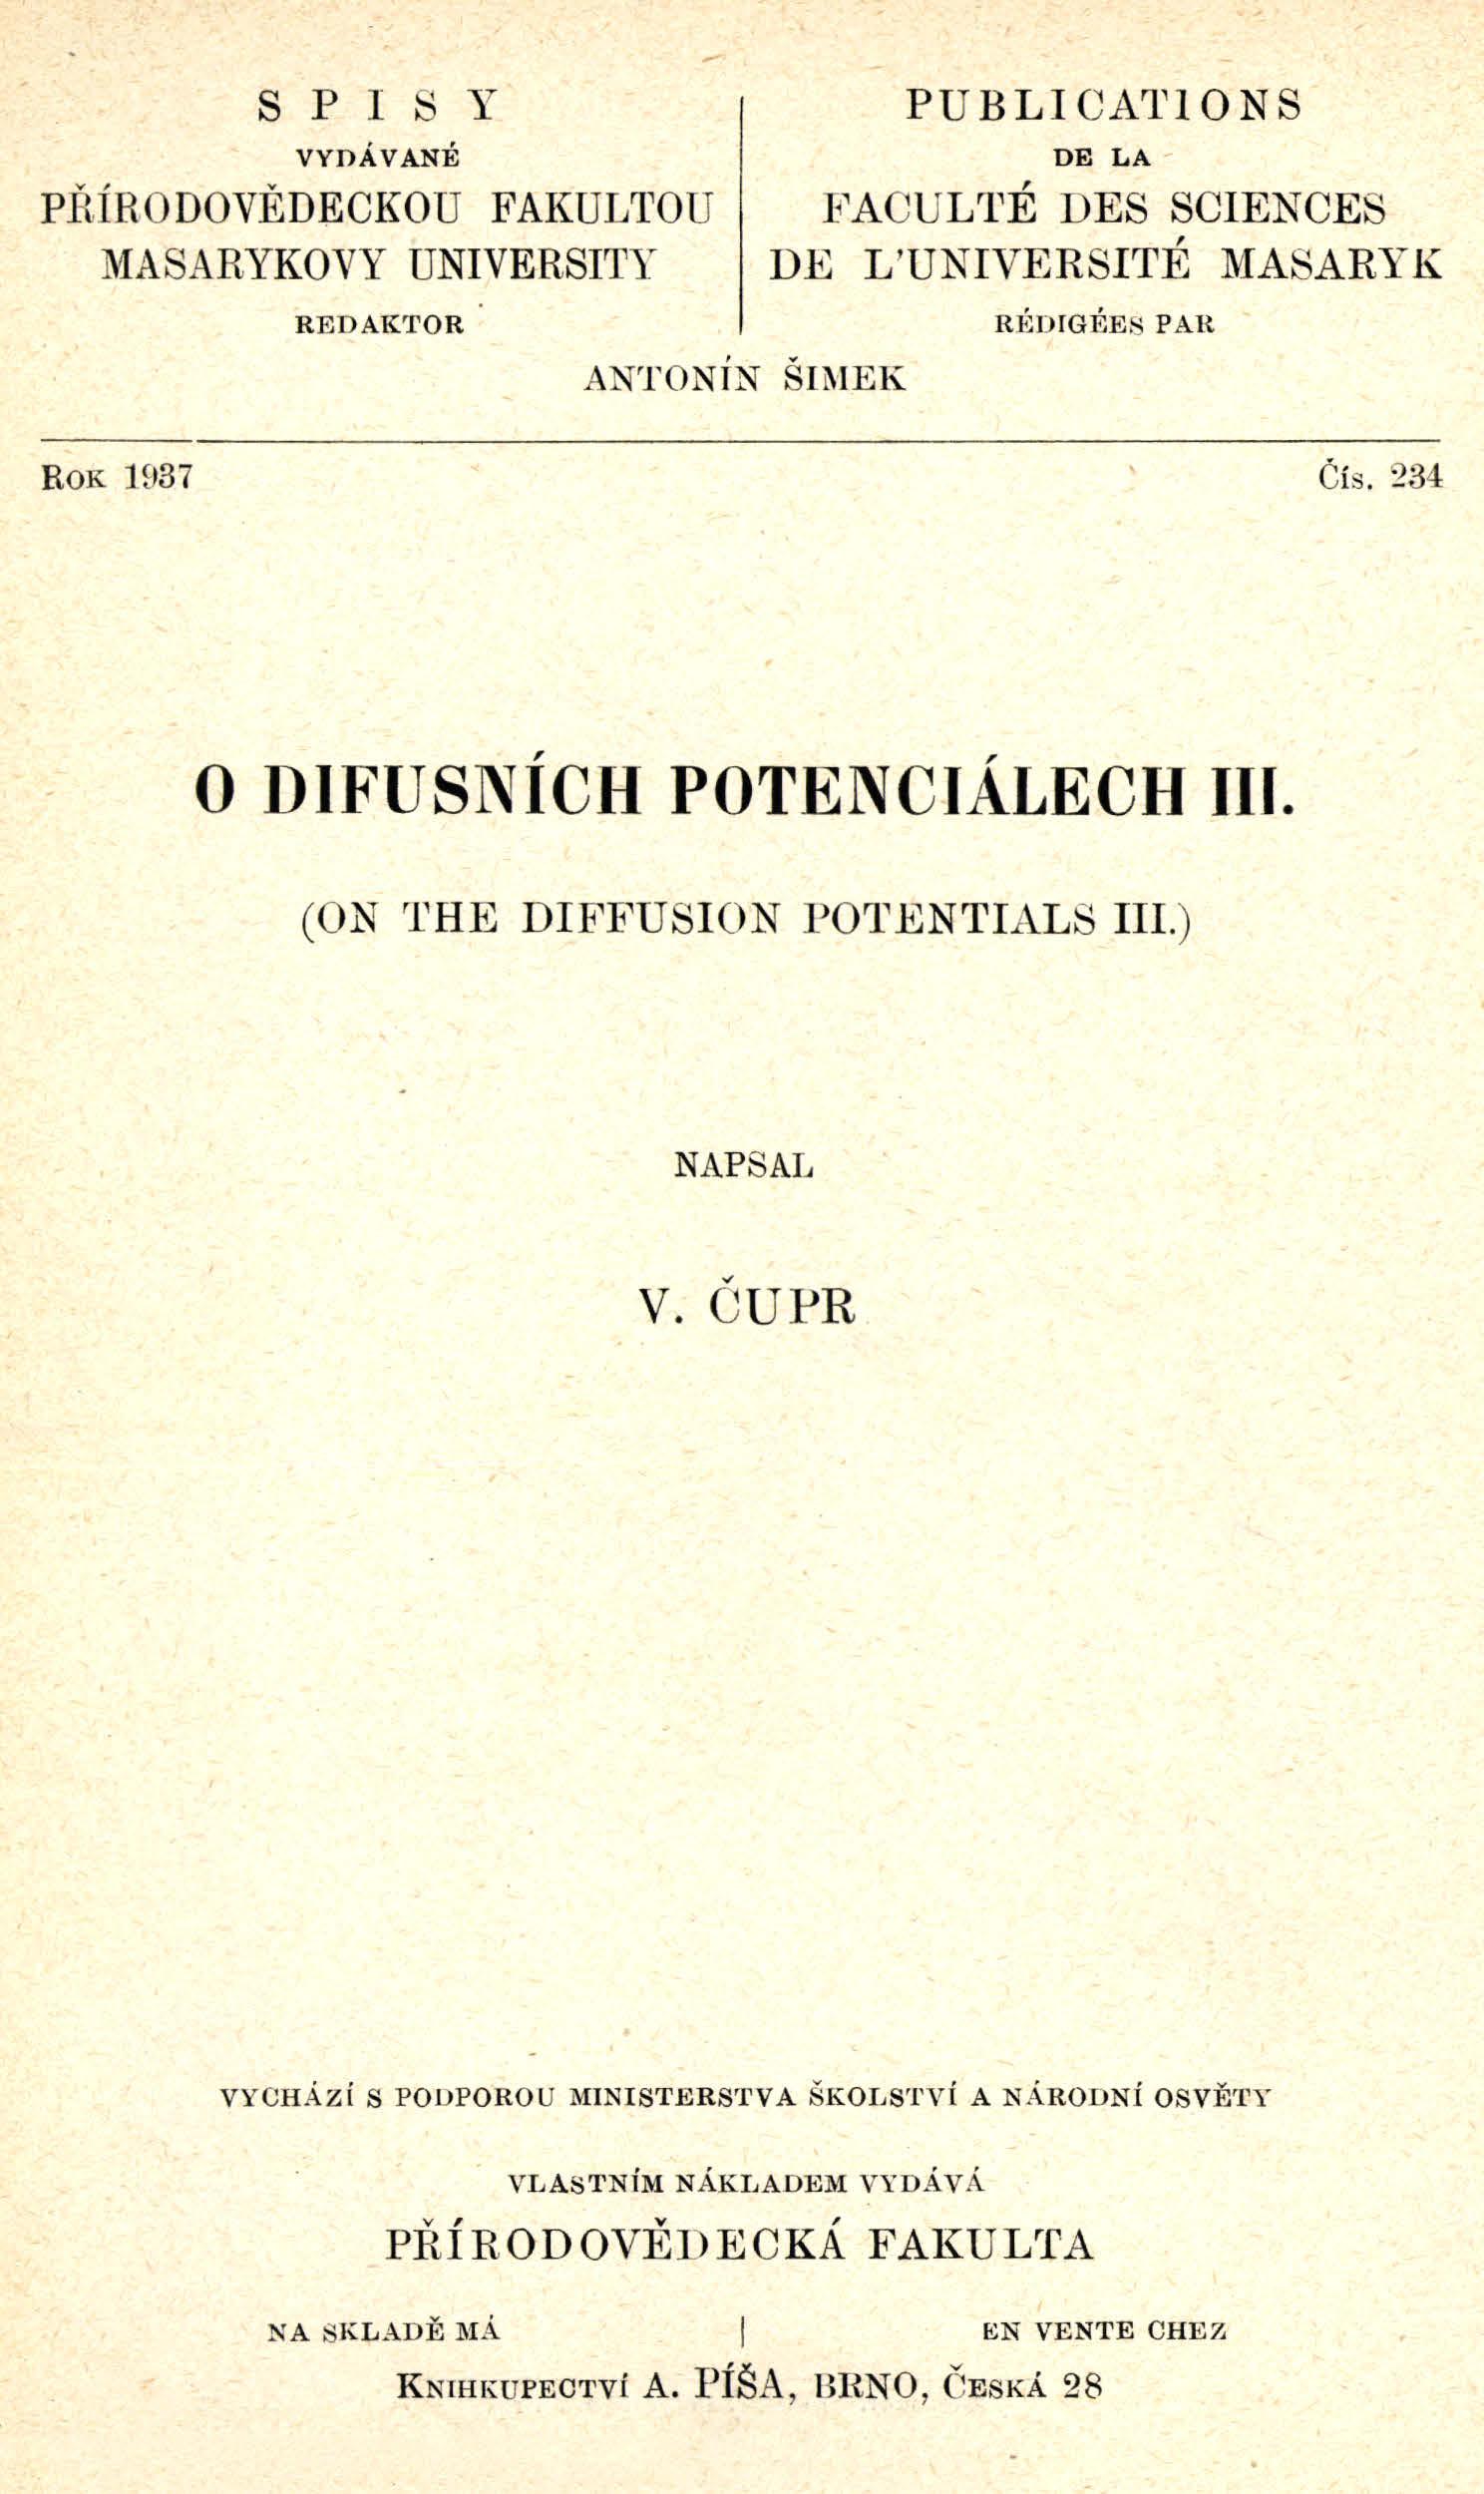 Obálka pro O difusních potenciálech. III.